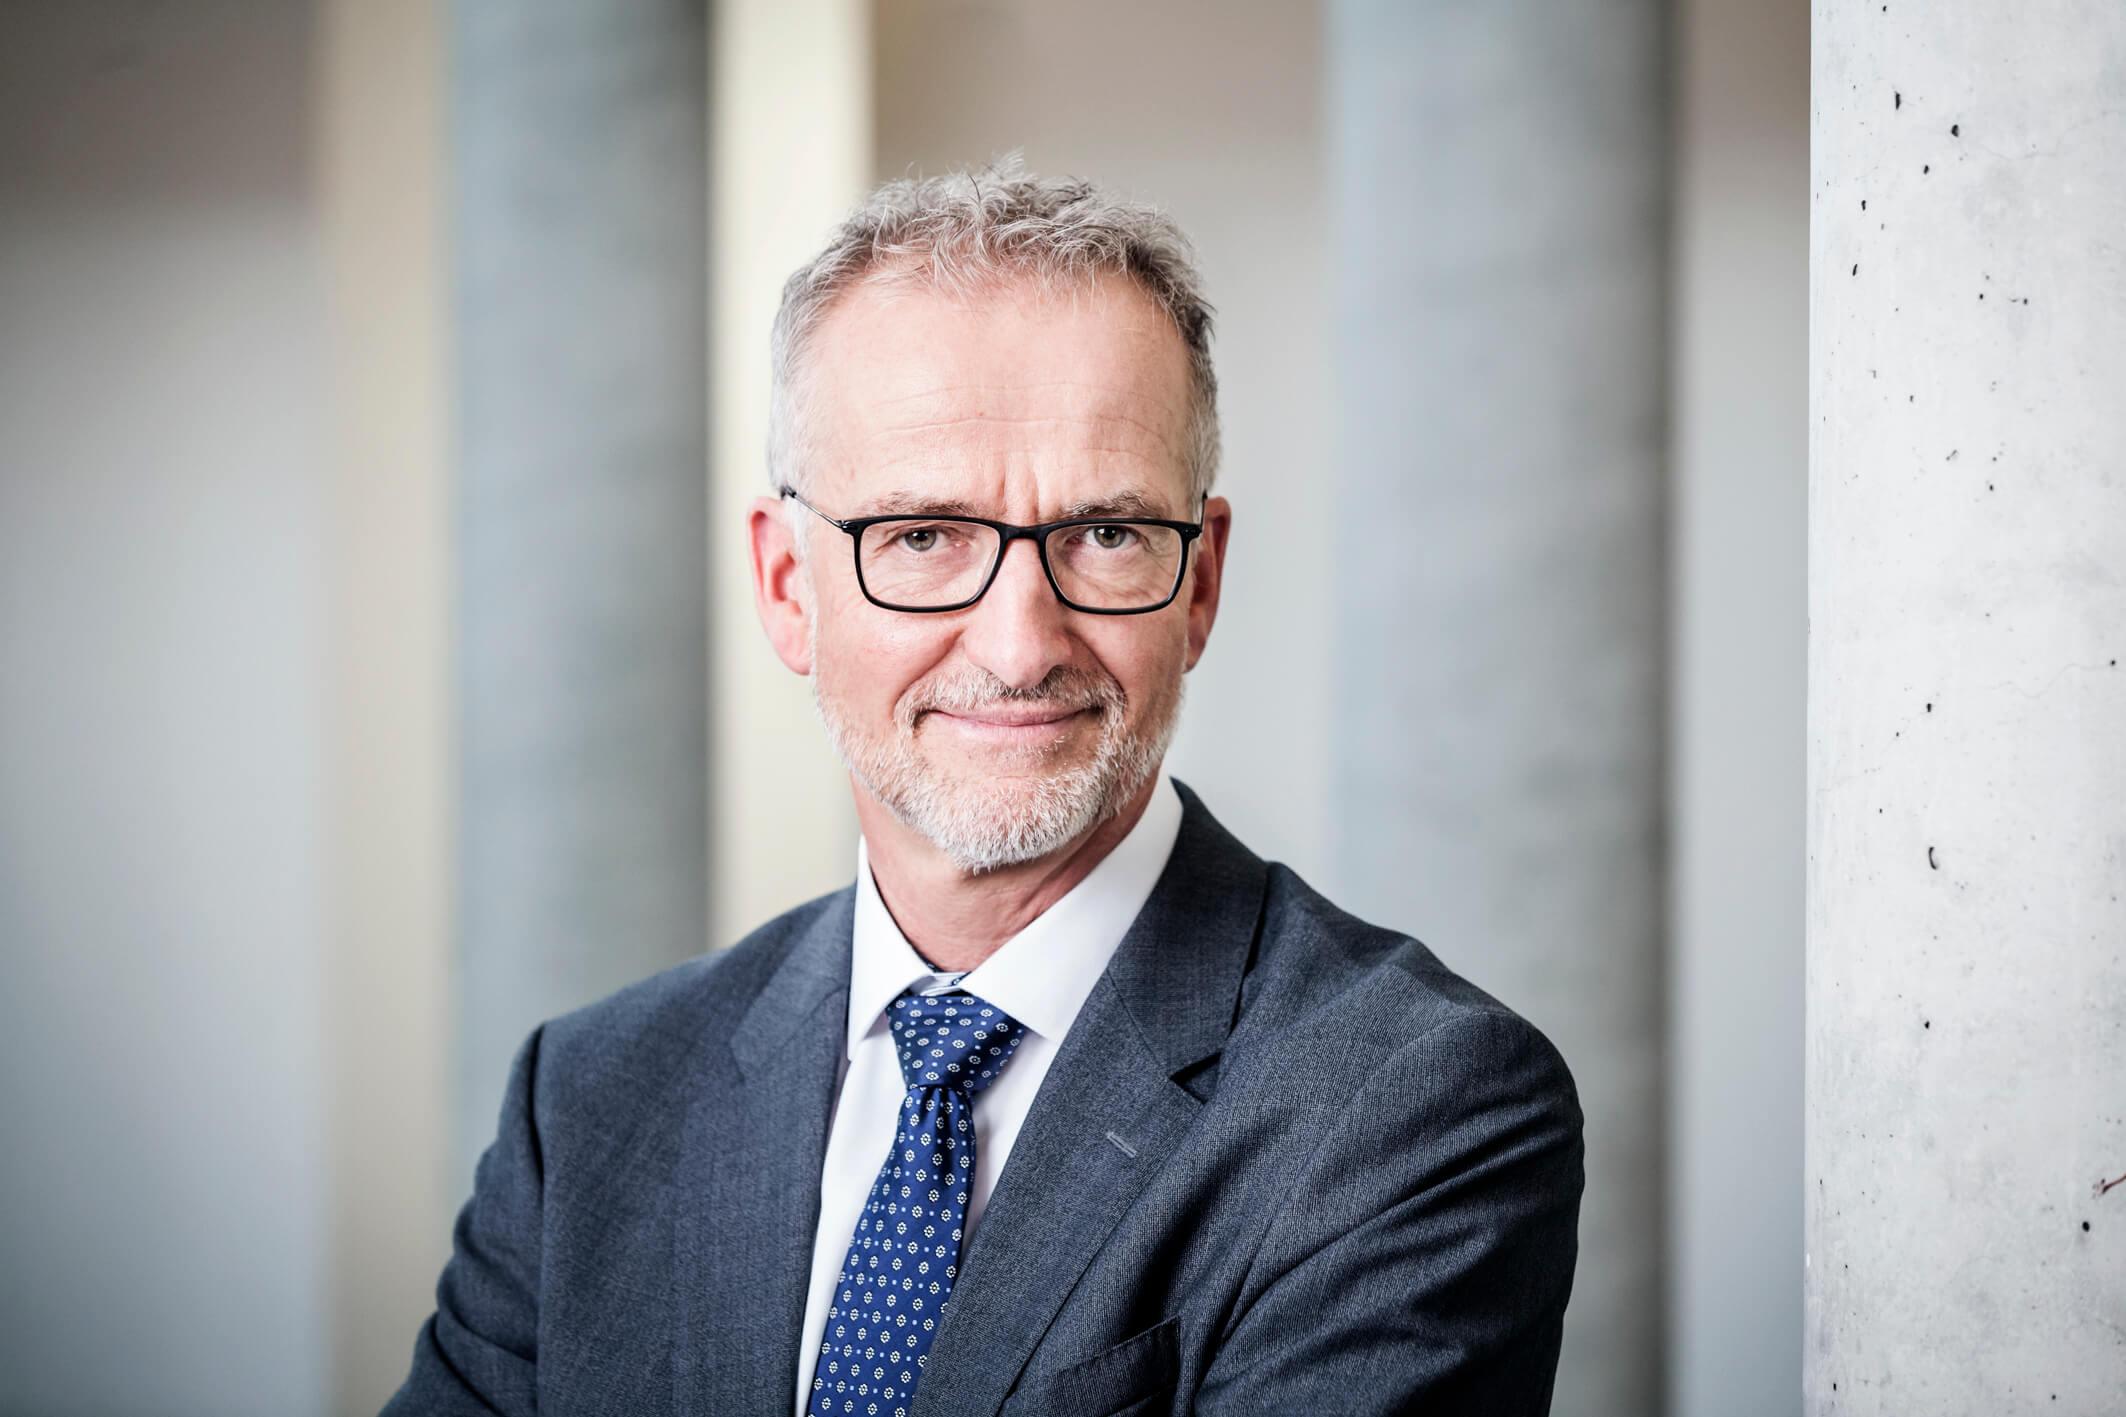 Martin Schwickrath